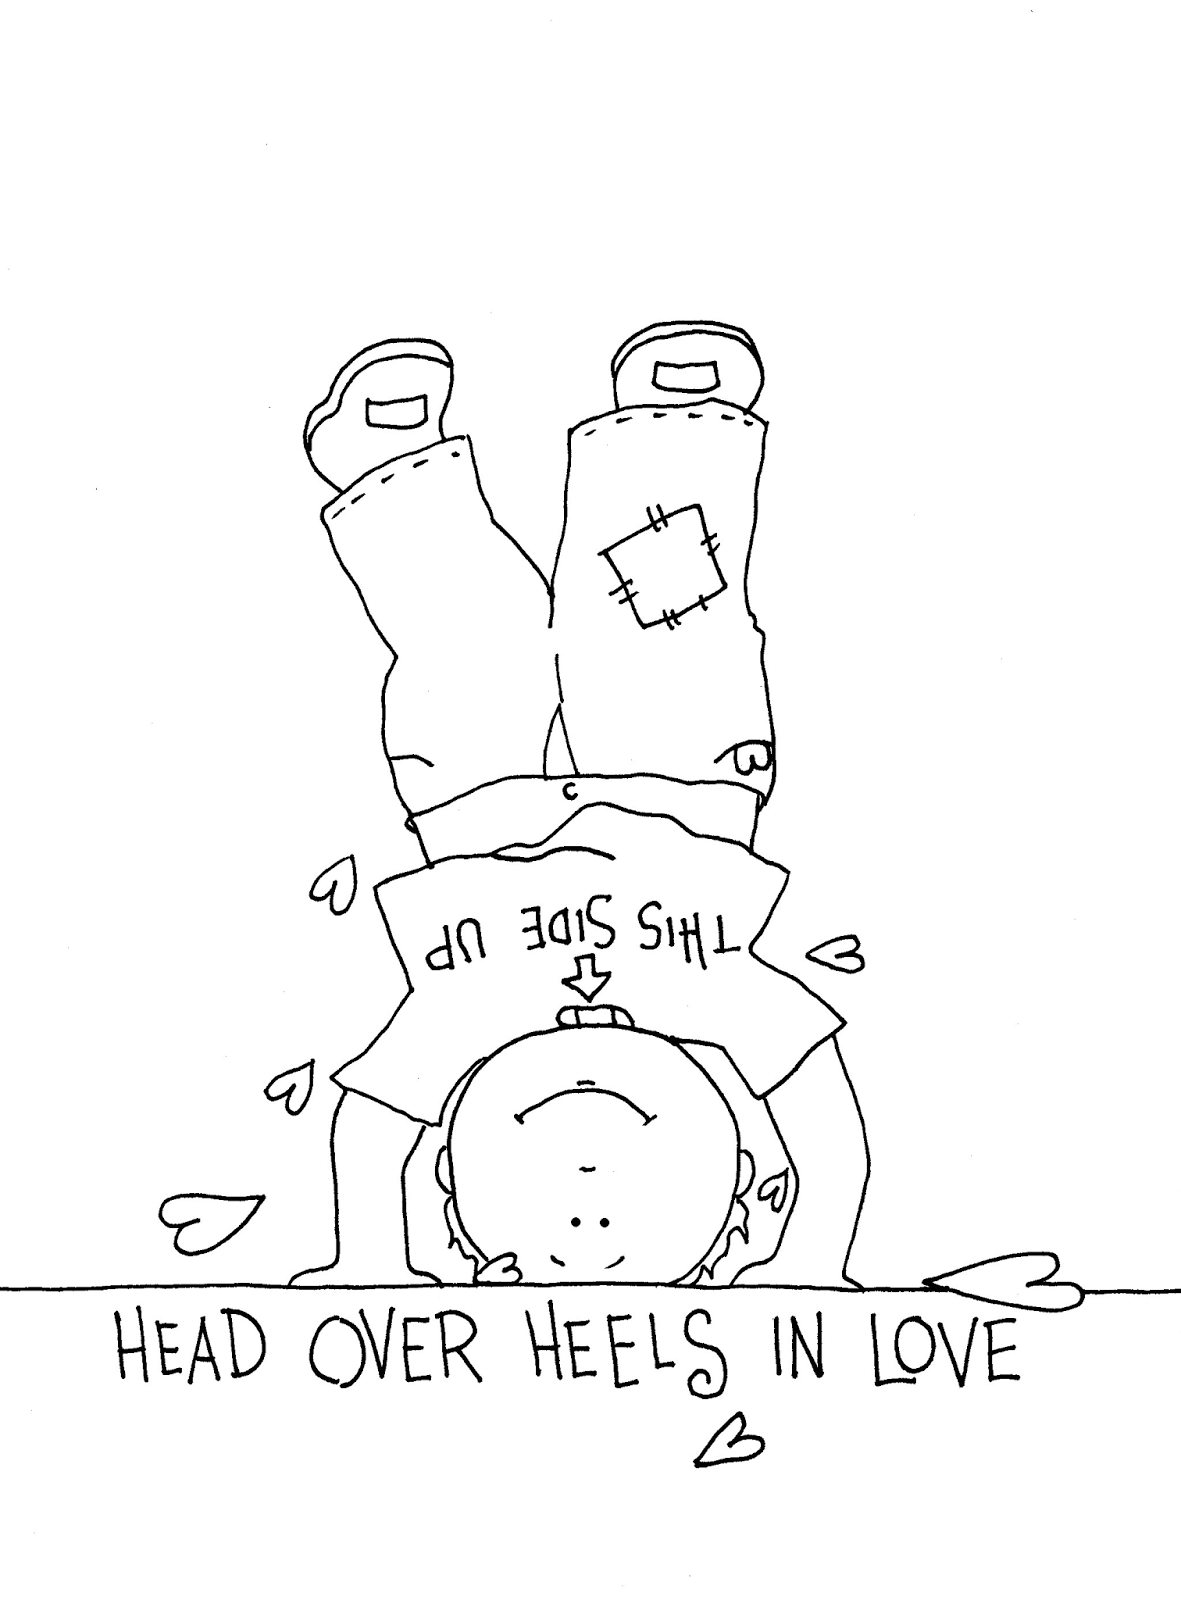 Head over heels online dating